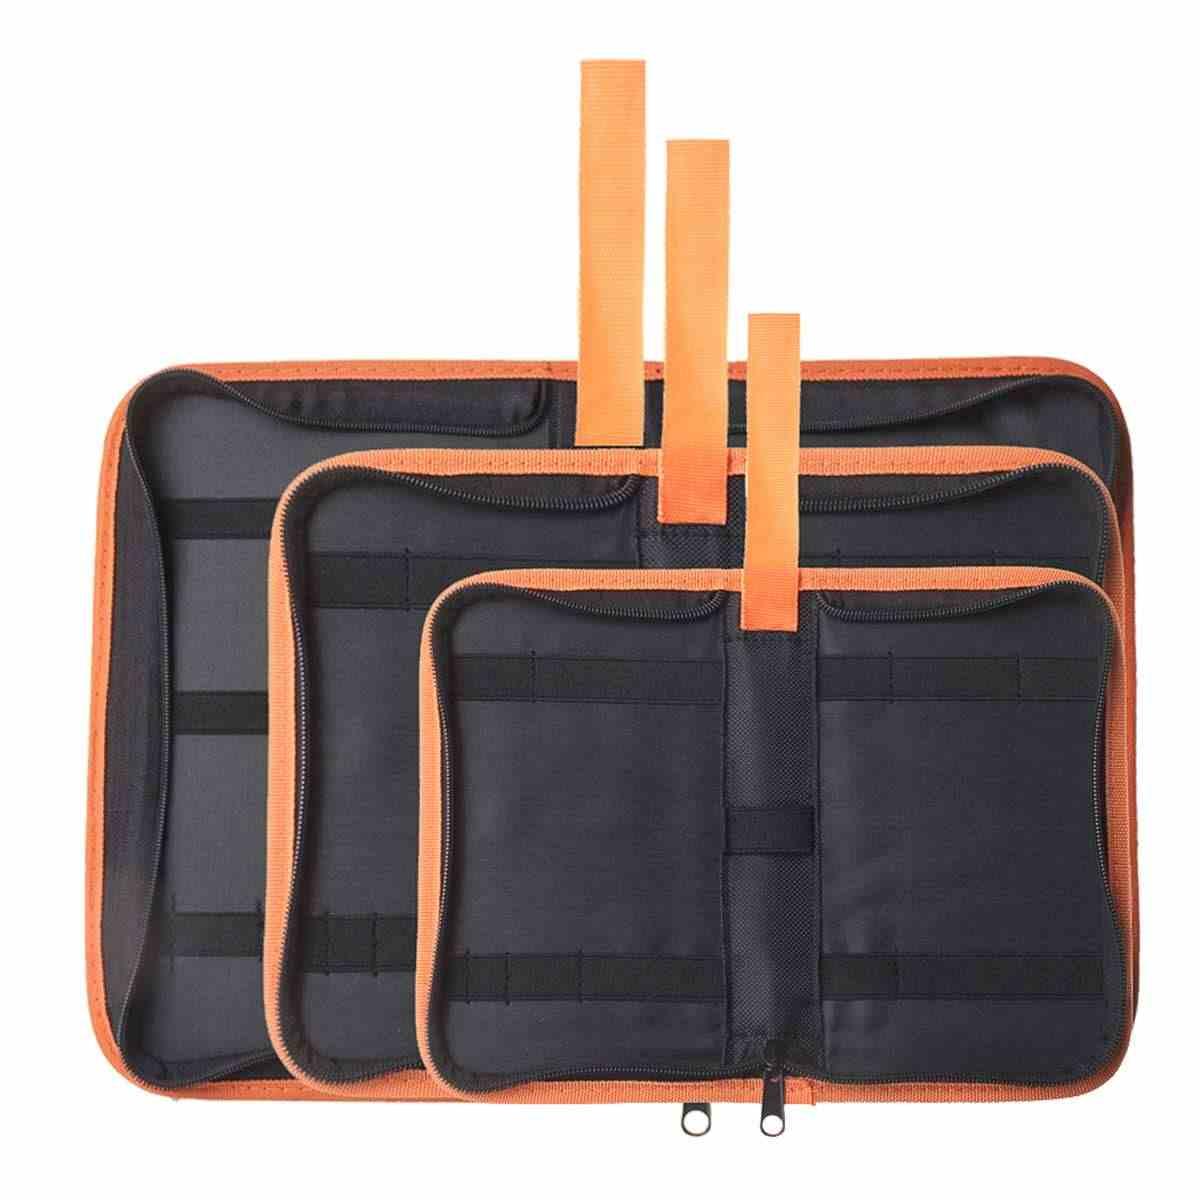 Kit De Ferramentas de Reparação de Hardware Pesado portátil Ferramentas De Armazenamento Transportadora Saco de Tecido Oxford Bolsa de Mão Bolsa Zip Novo S M L Gota navio